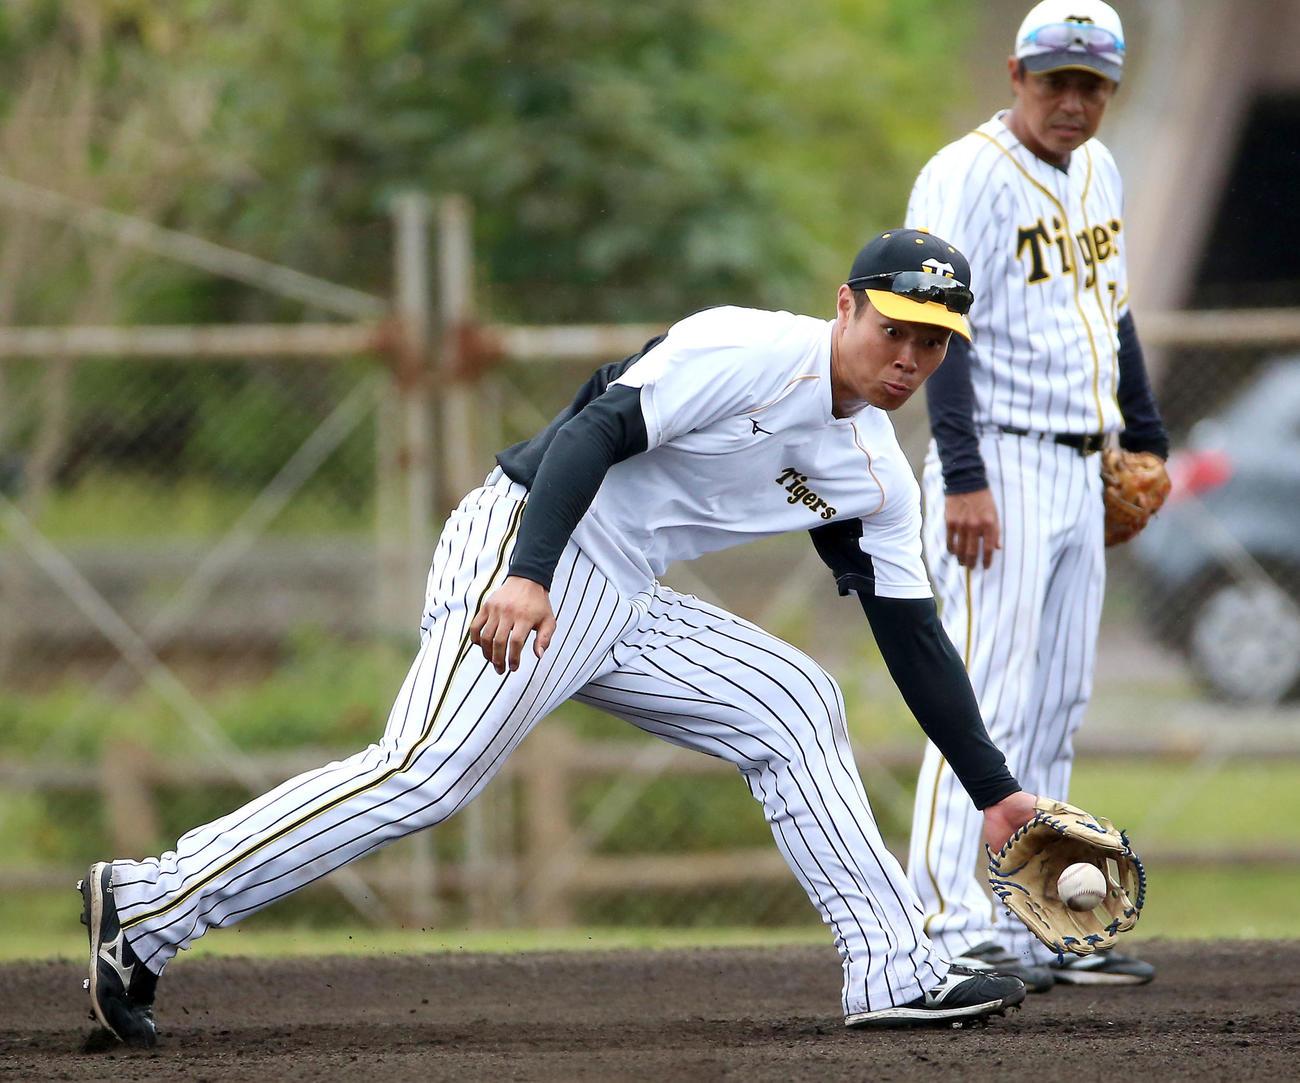 サブグラウンドでノックを受ける佐藤輝明、右は藤本内野守備走塁コーチ(撮影・上山淳一)